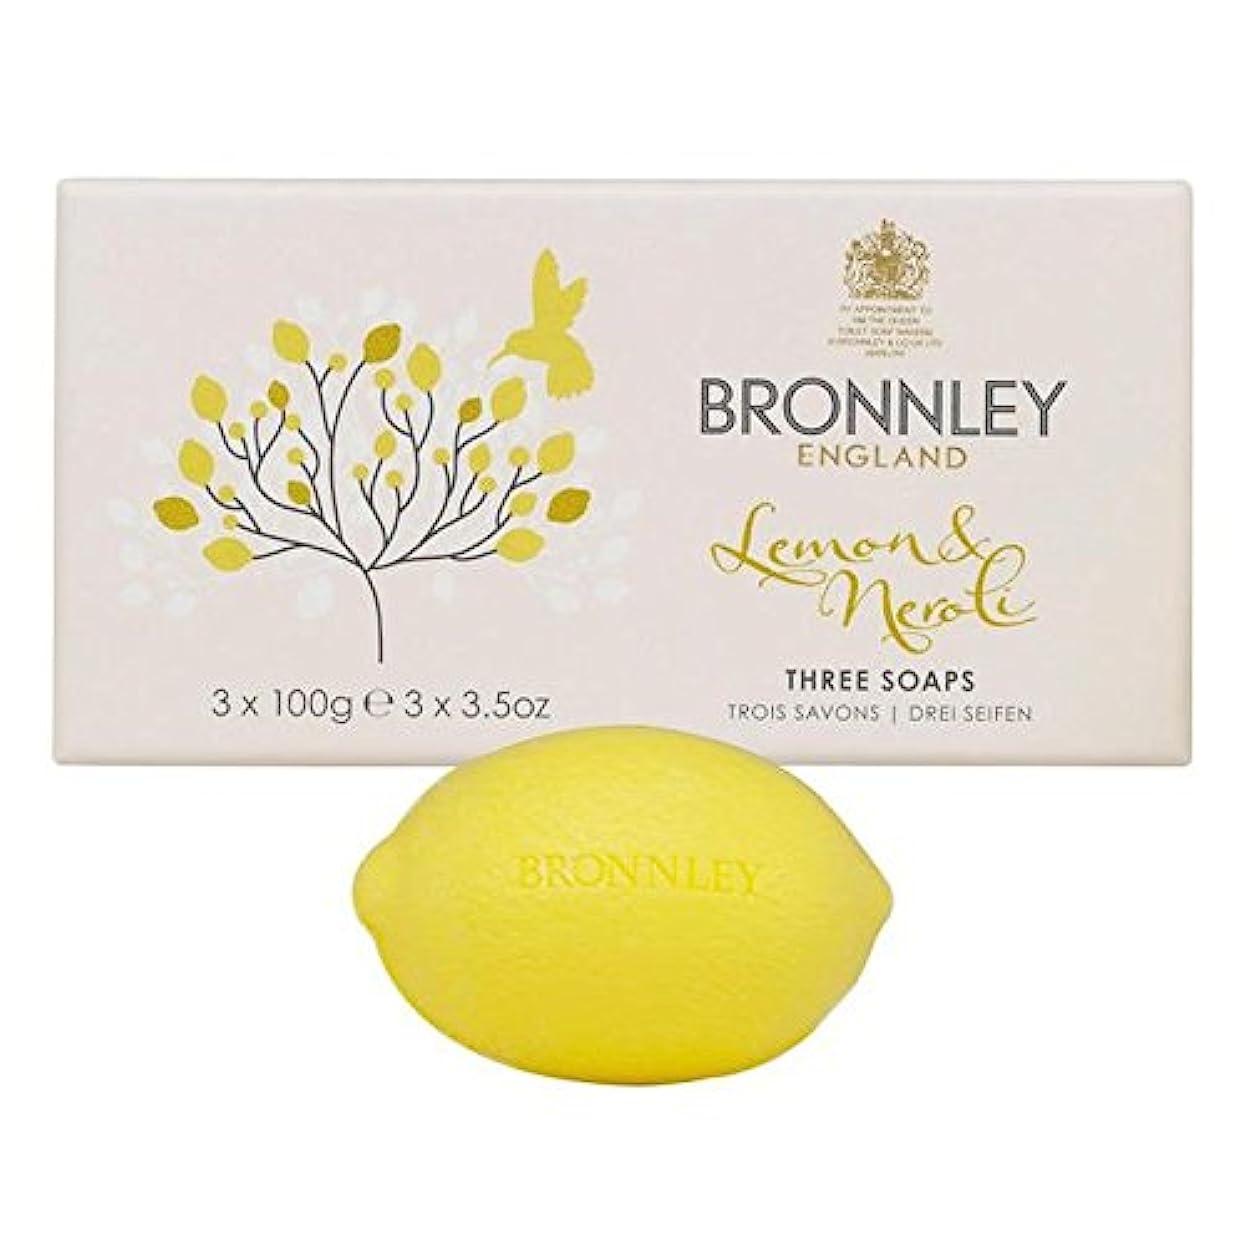 廃棄するむちゃくちゃプレートレモン&ネロリ石鹸3×100グラム x2 - Bronnley Lemon & Neroli Soaps 3 x 100g (Pack of 2) [並行輸入品]